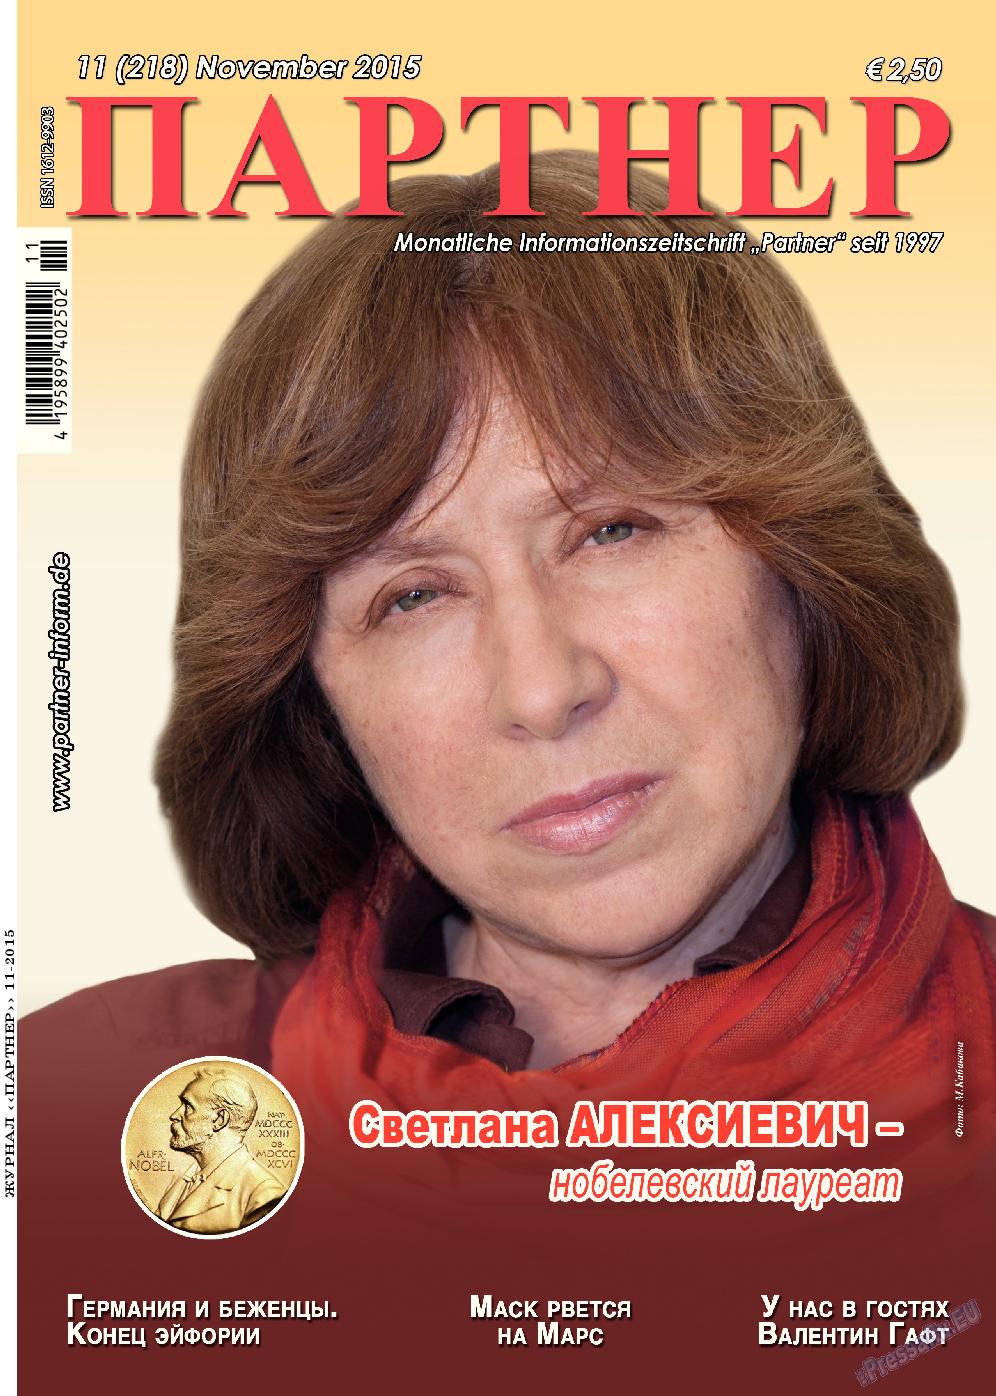 Партнер (журнал). 2015 год, номер 11, стр. 1